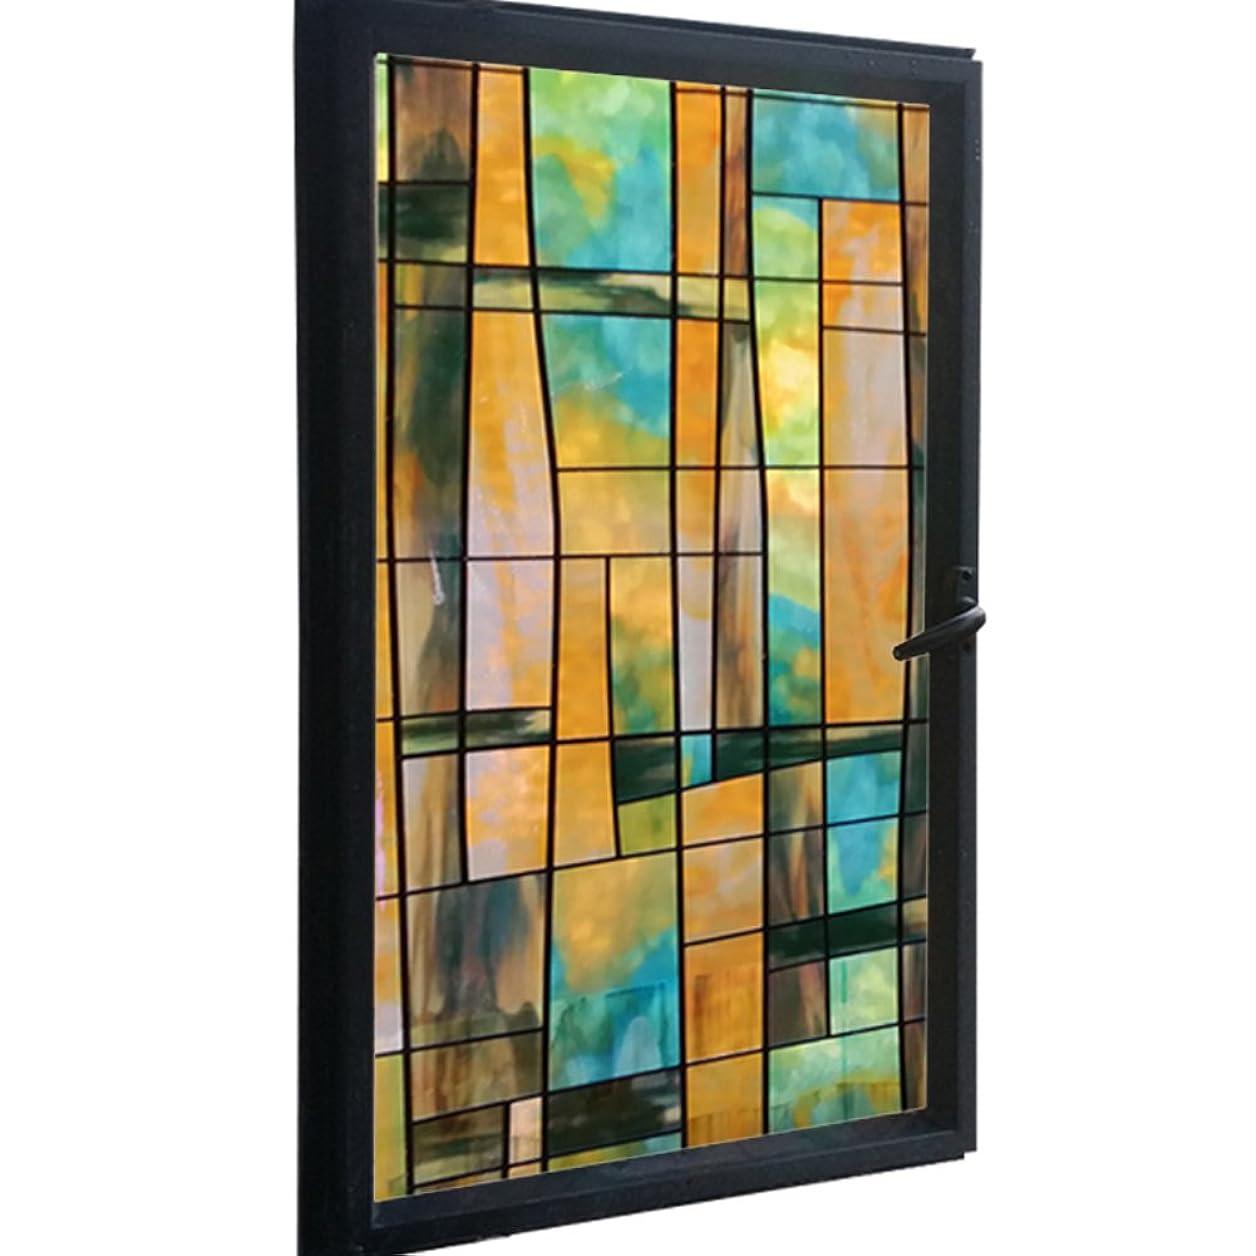 山積みの描くドラフト窓用ガラスフィルム, プライバシー プライバシーガラスフィルム 不透明 アンチ-のぞき見 マジックミラー フィルム 花柄 の オフィス キッチン-a 92x100cm(36x39inch)